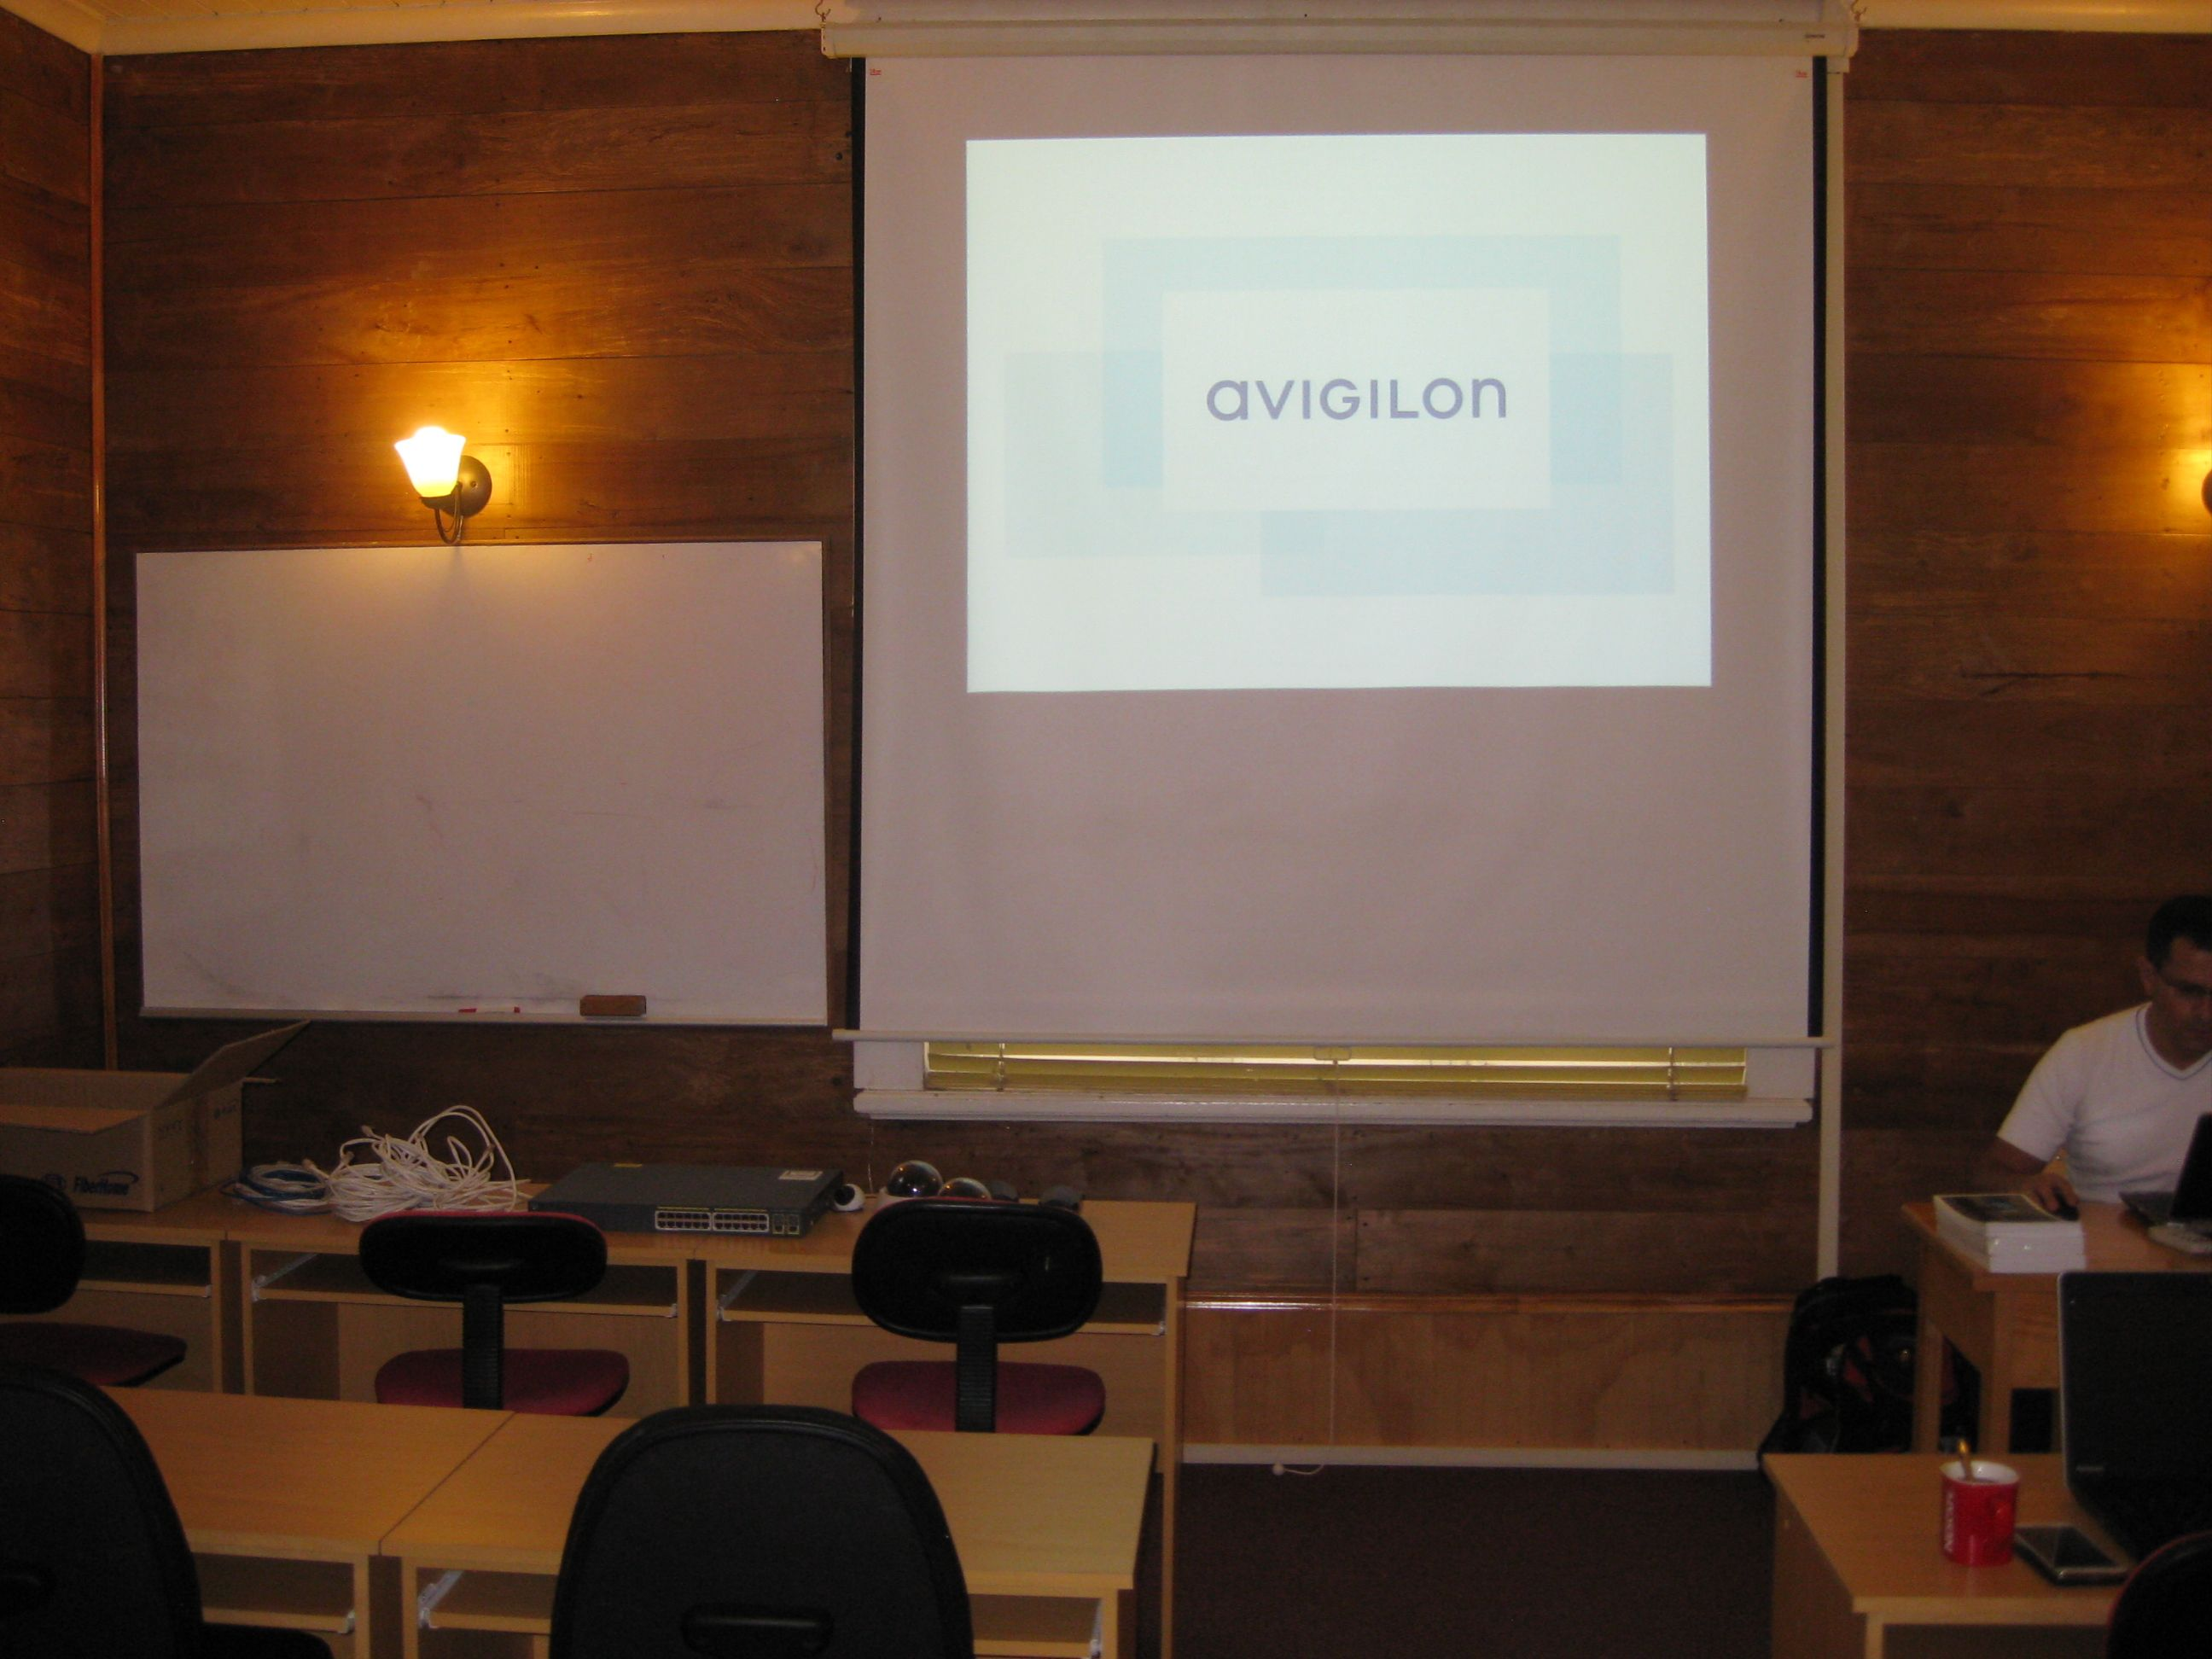 Avigilon Chile define el futuro de la industria e la seguridad a través de soluciones  integrales e innovadoras. Polytrade Chile